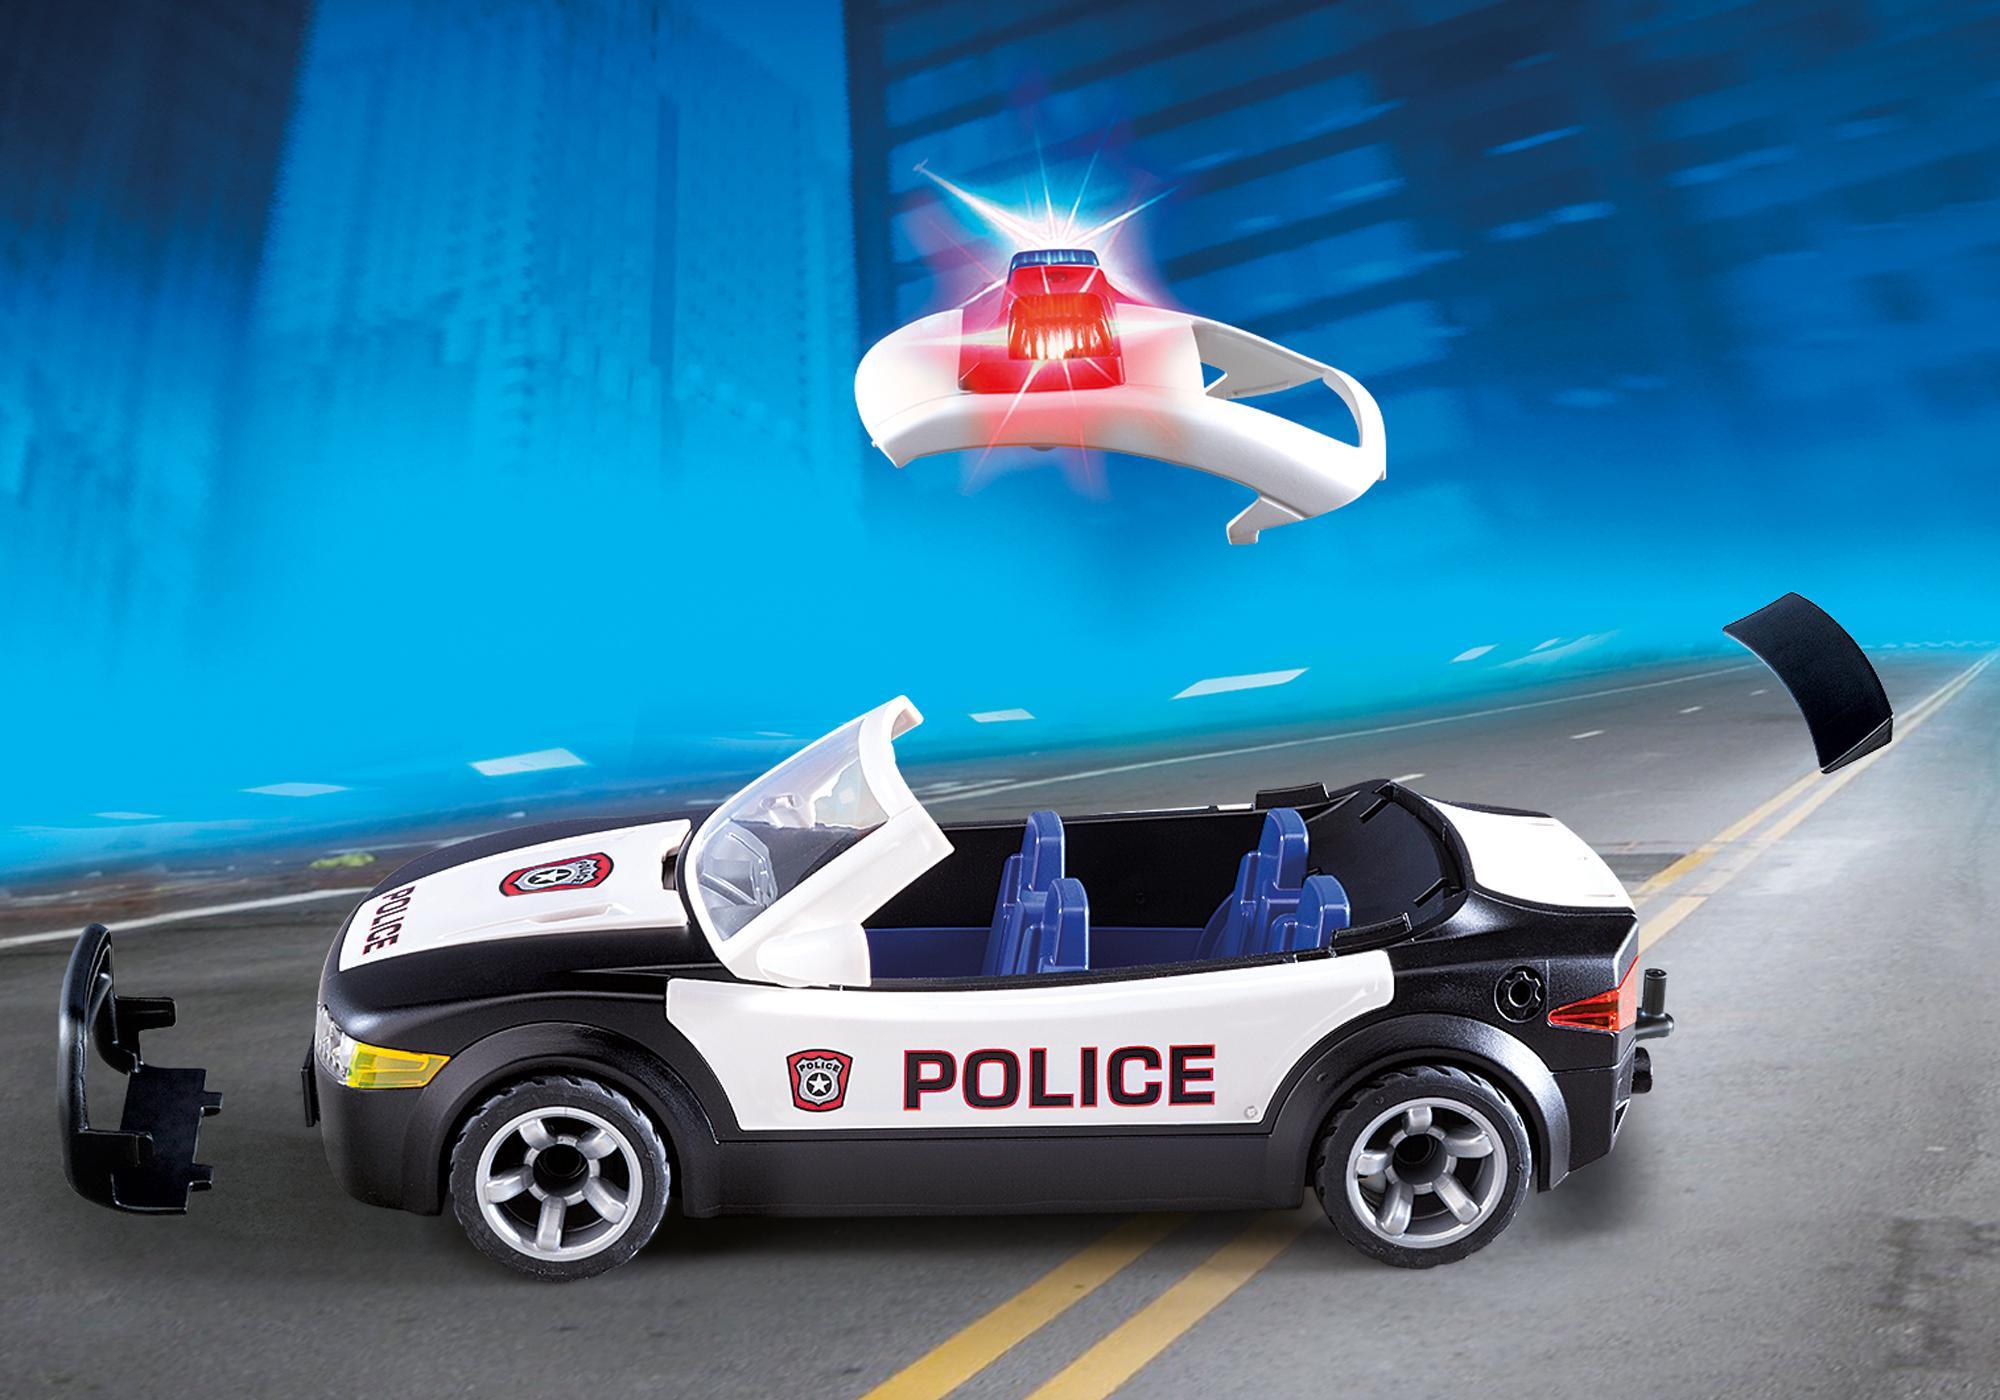 http://media.playmobil.com/i/playmobil/5673_product_extra2/Police Car